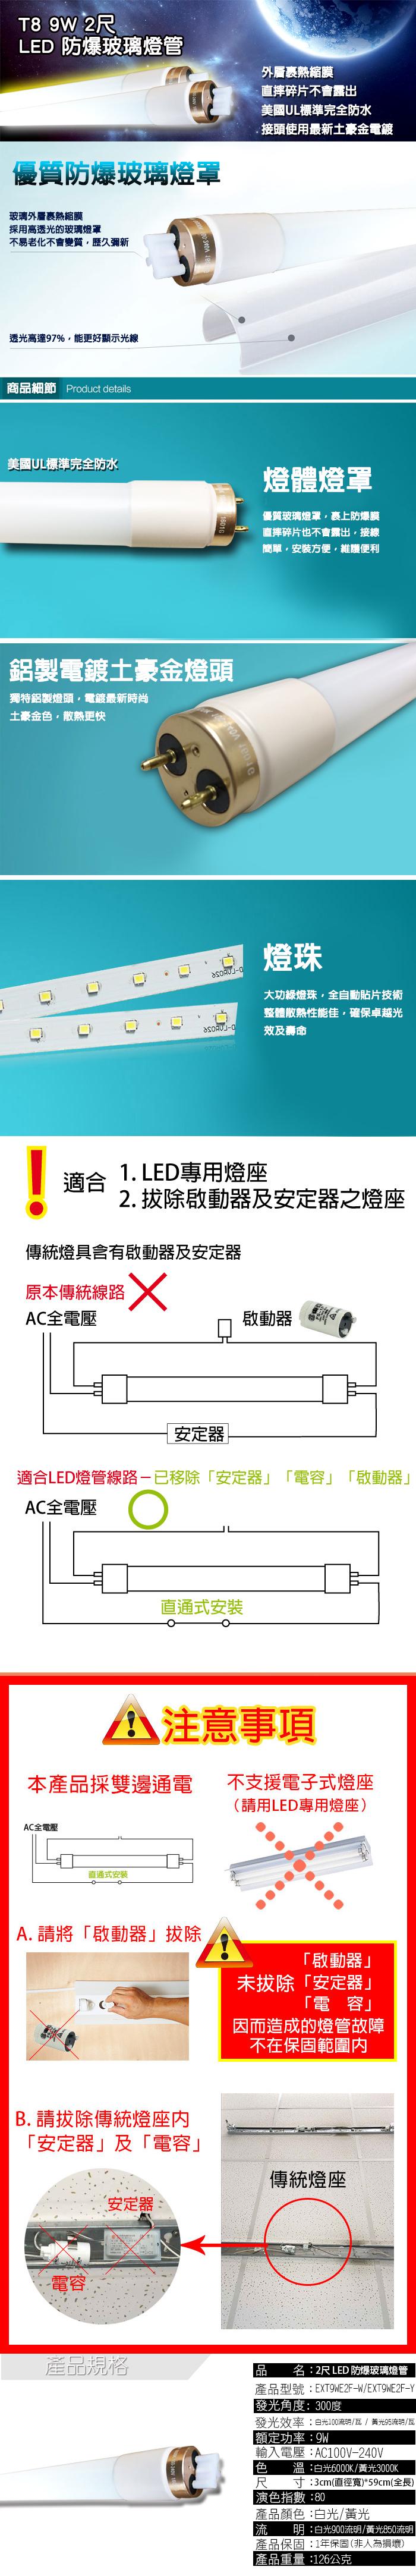 2尺防爆燈管文案